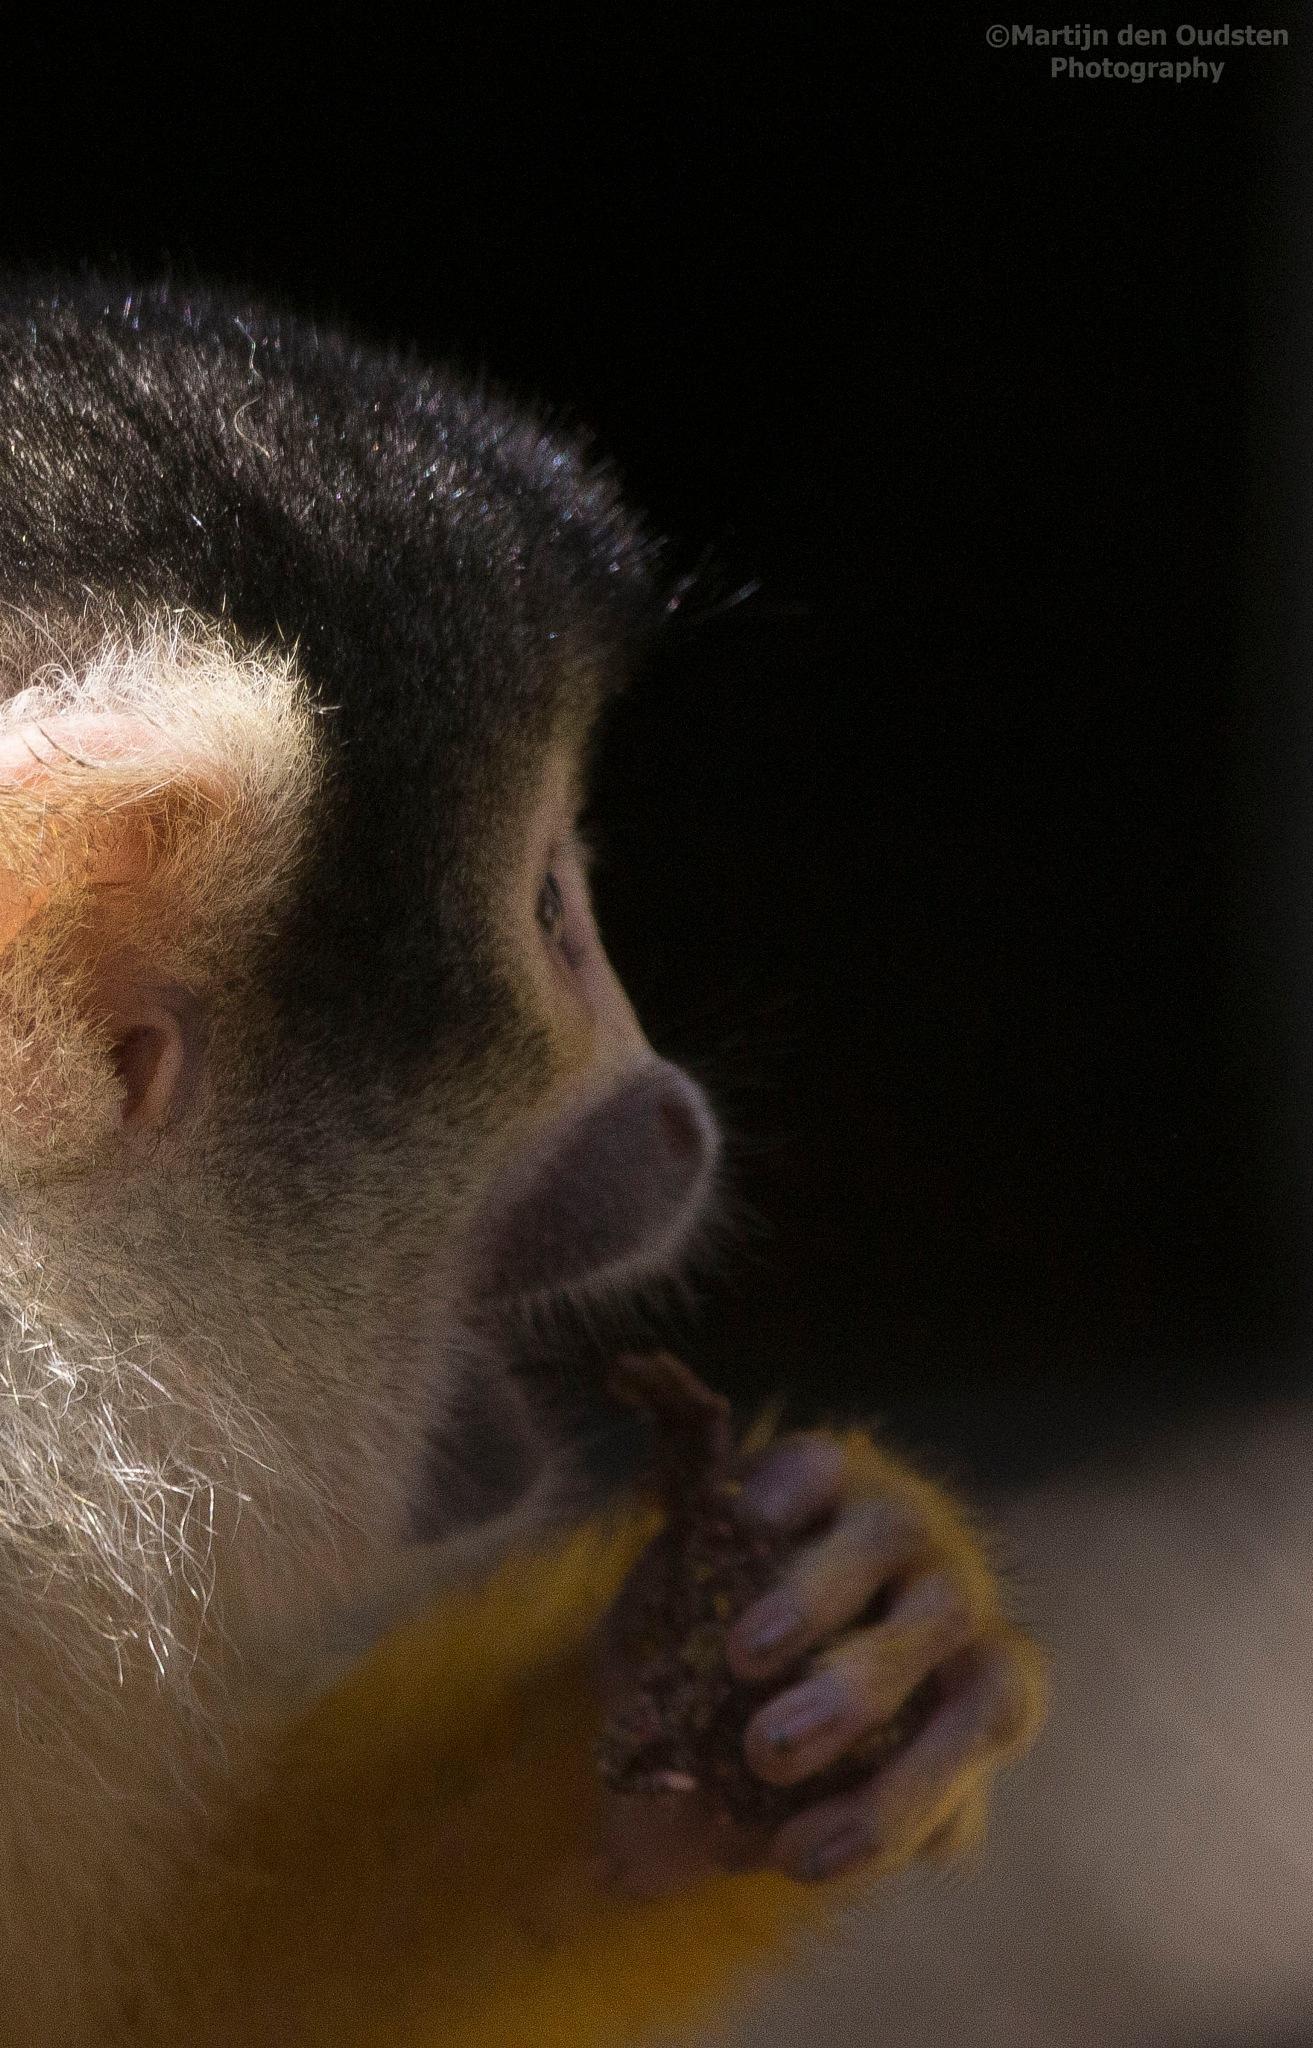 Squirrel monkey by Martijn Den Oudsten